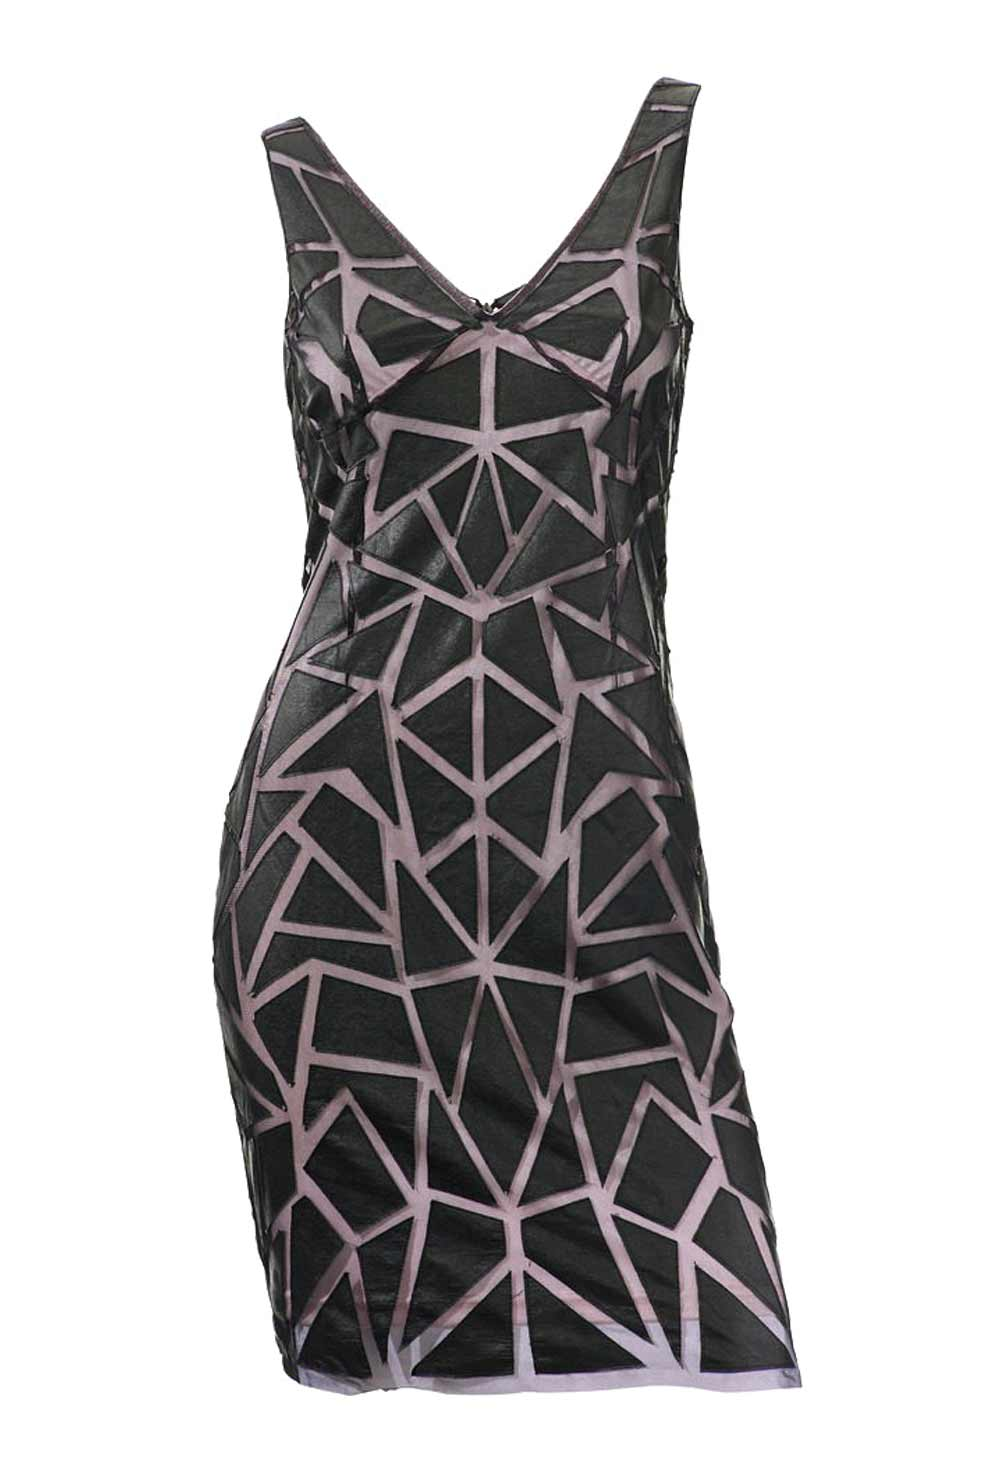 kurzes kleid für besondere anlässe ASHLEY BROOKE Damen Designer-Cocktailkleid Schwarz-Mauve 059.354 Missforty